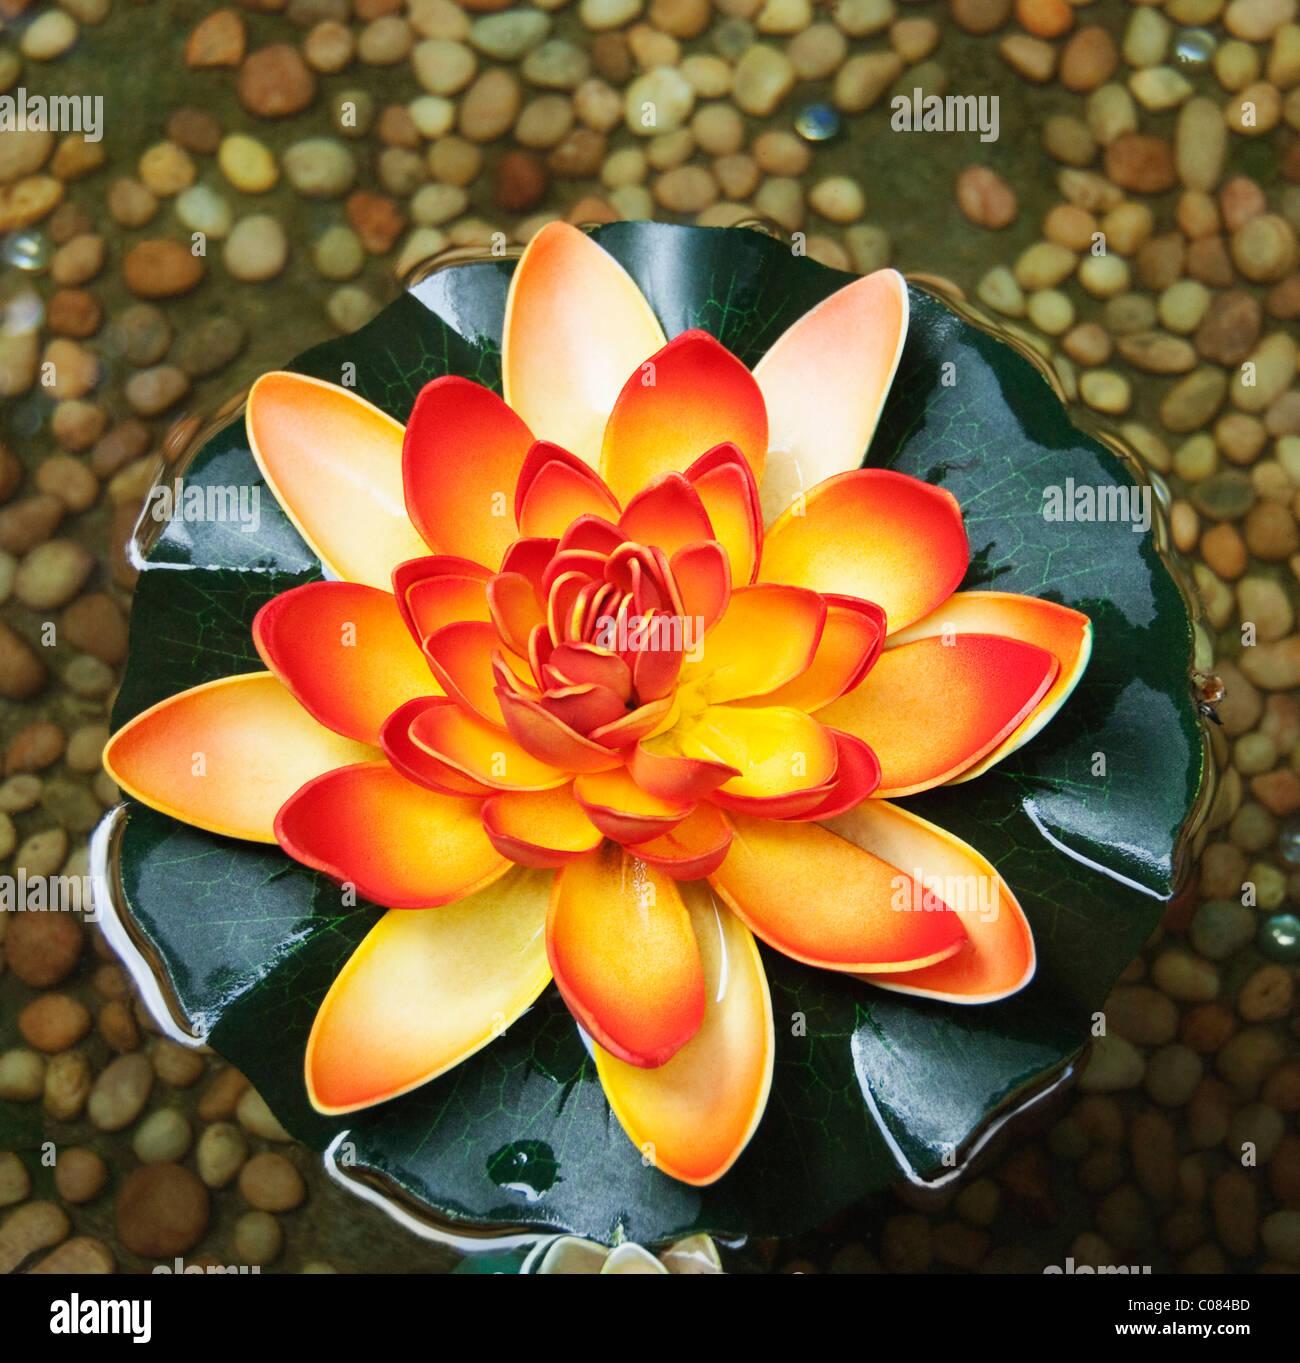 Erhöhte Ansicht einer Lotusblüte, Tirupati, Andhra Pradesh, Indien Stockfoto